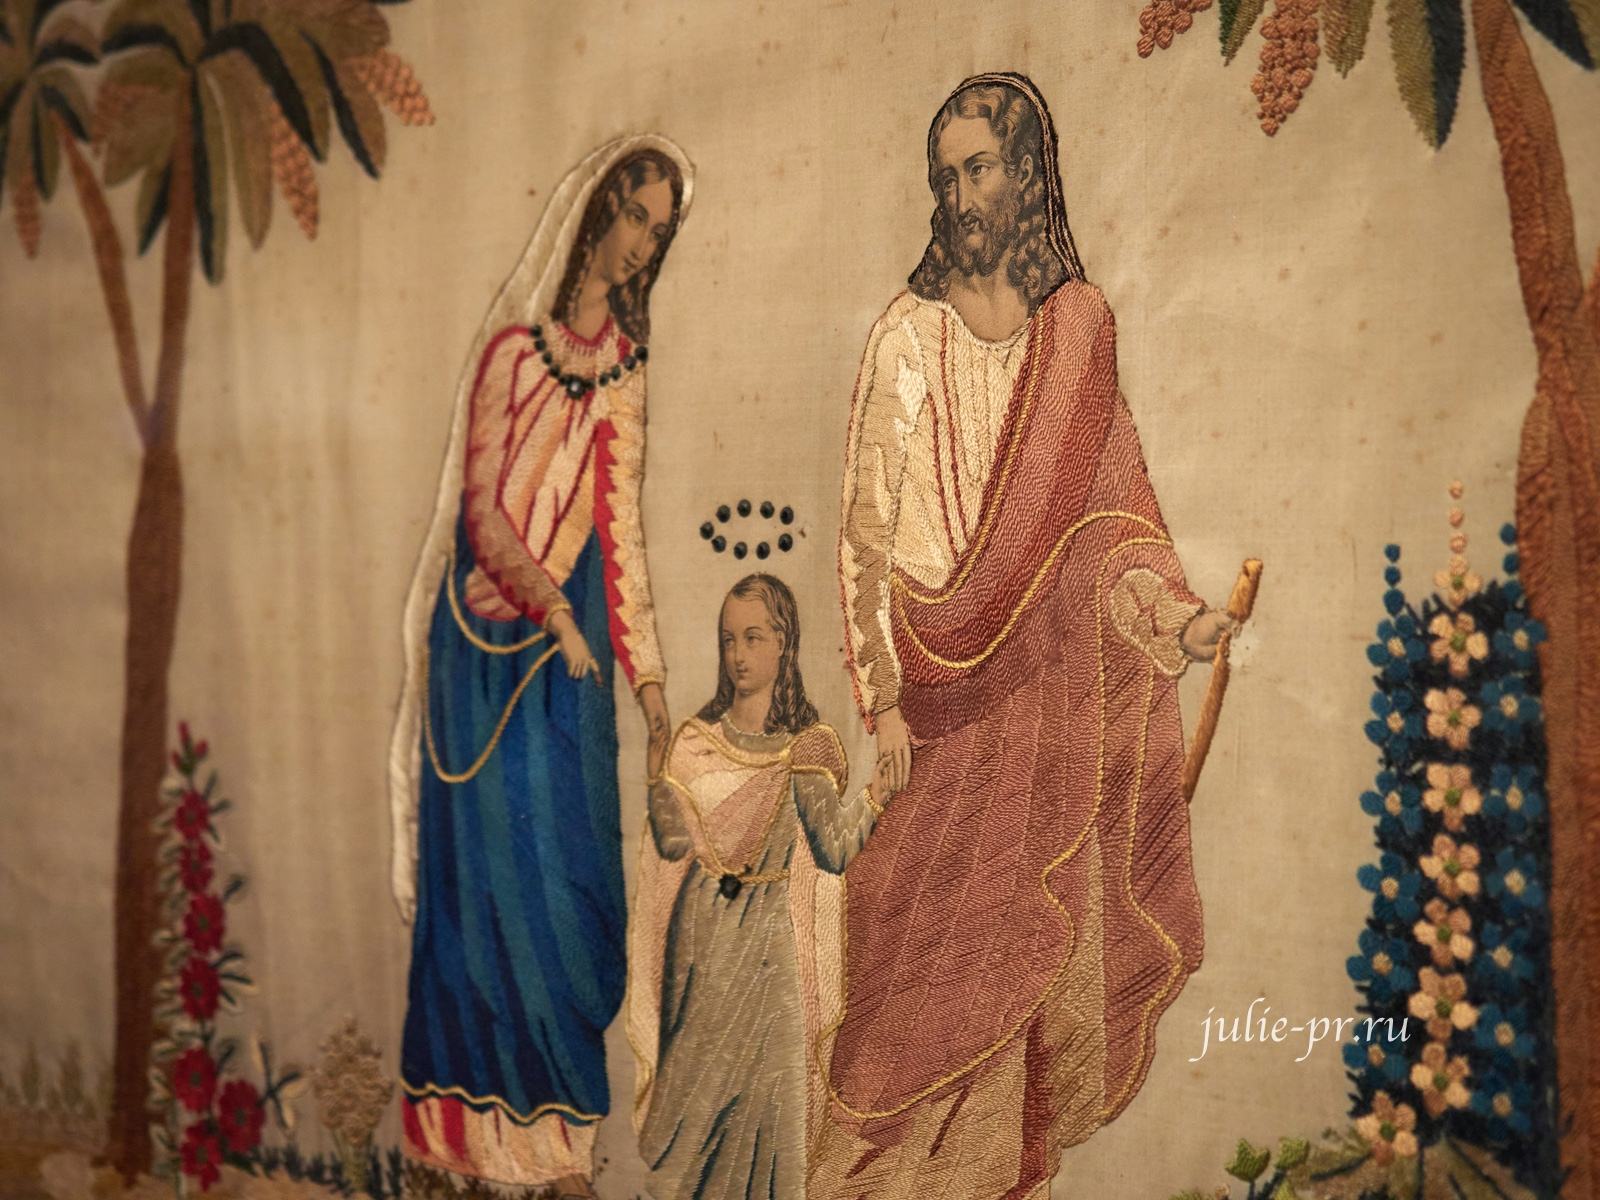 Святое семейство, 1830-е гг, Франция, вышивка гладью, выставка Старинные вышивки